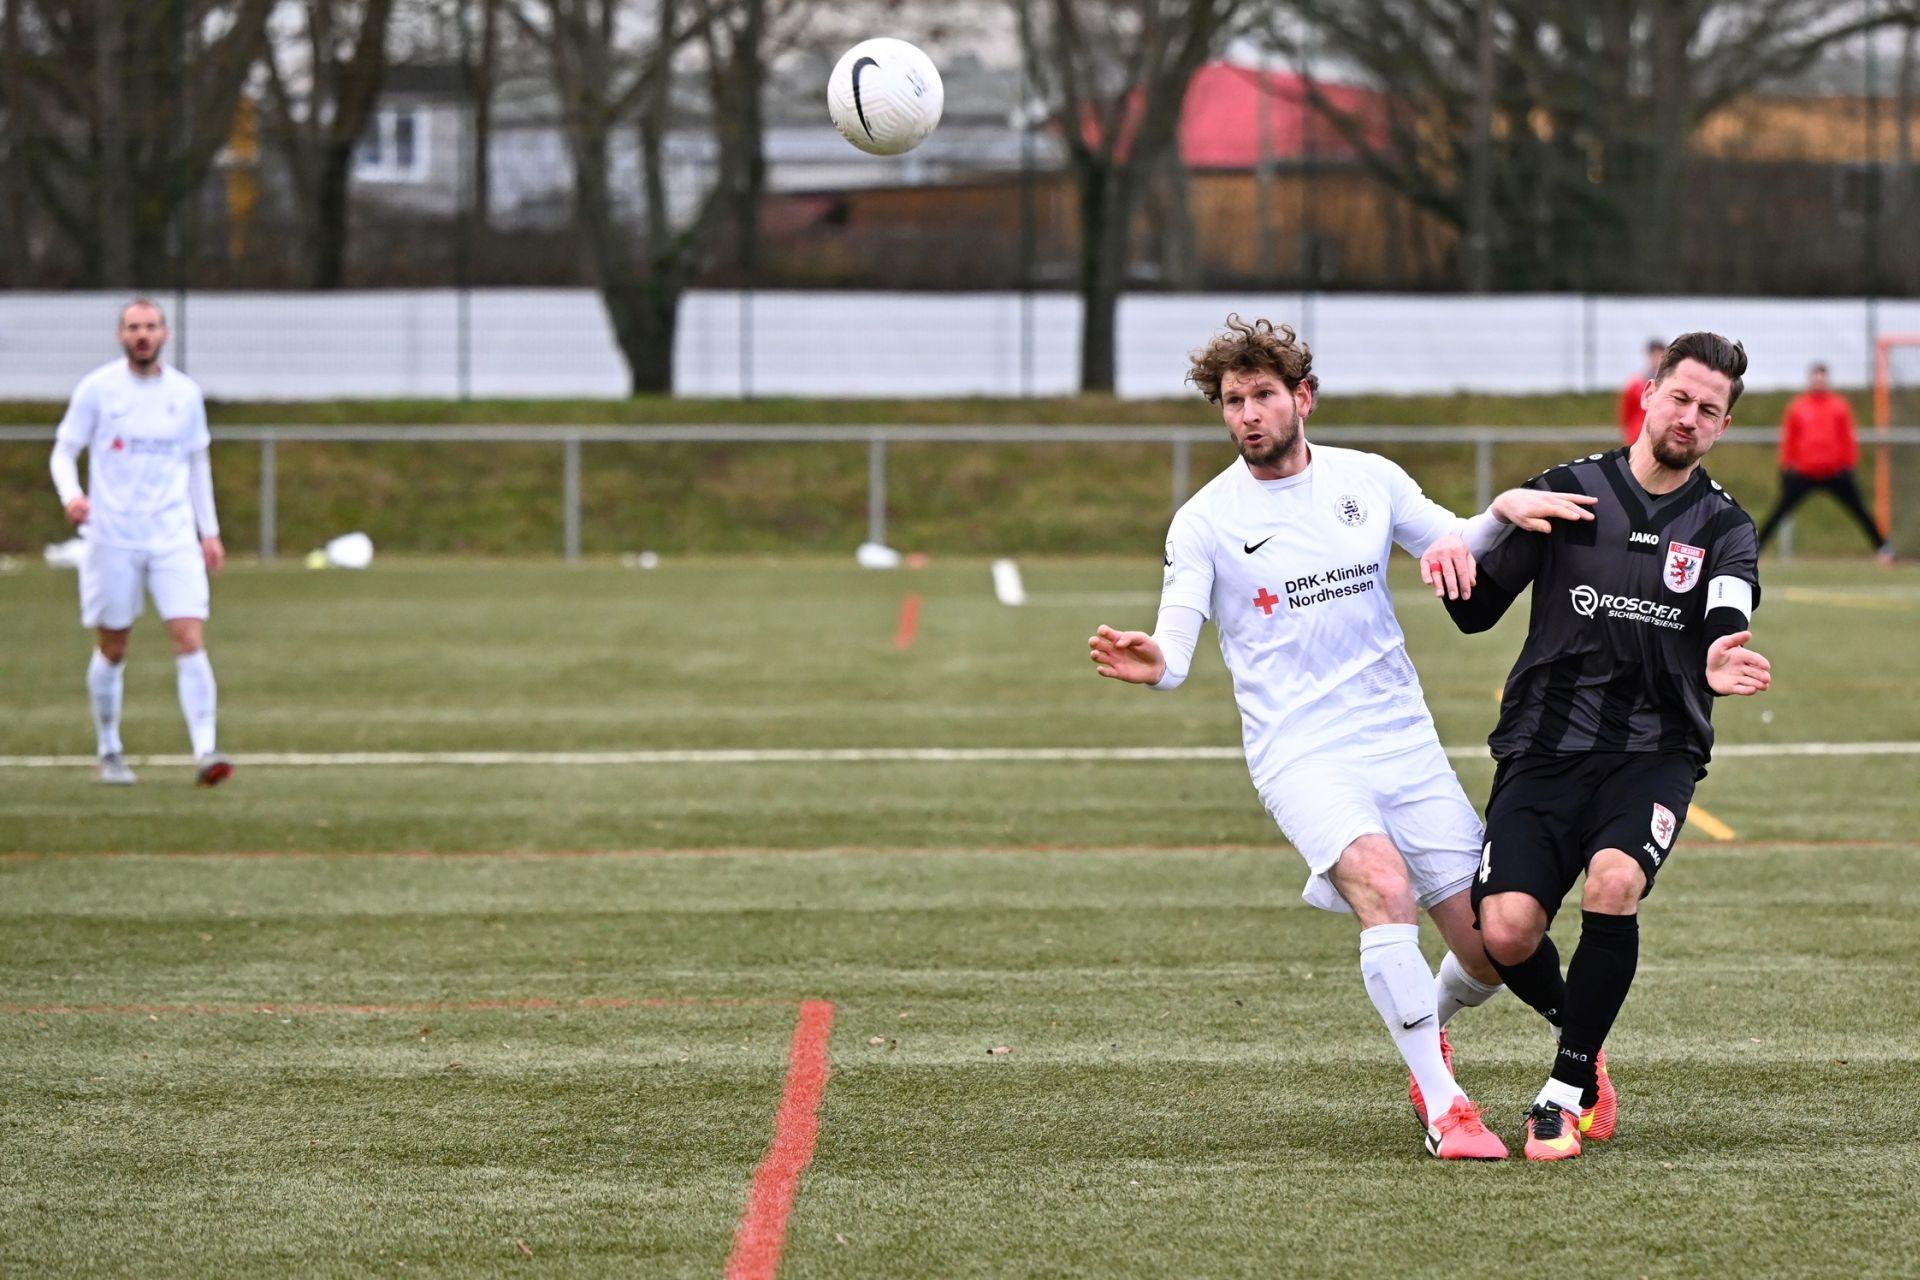 Regionalliga S�dwest 2020/21, KSVHessen Kassel, FC Giessen, Endstand 1:1